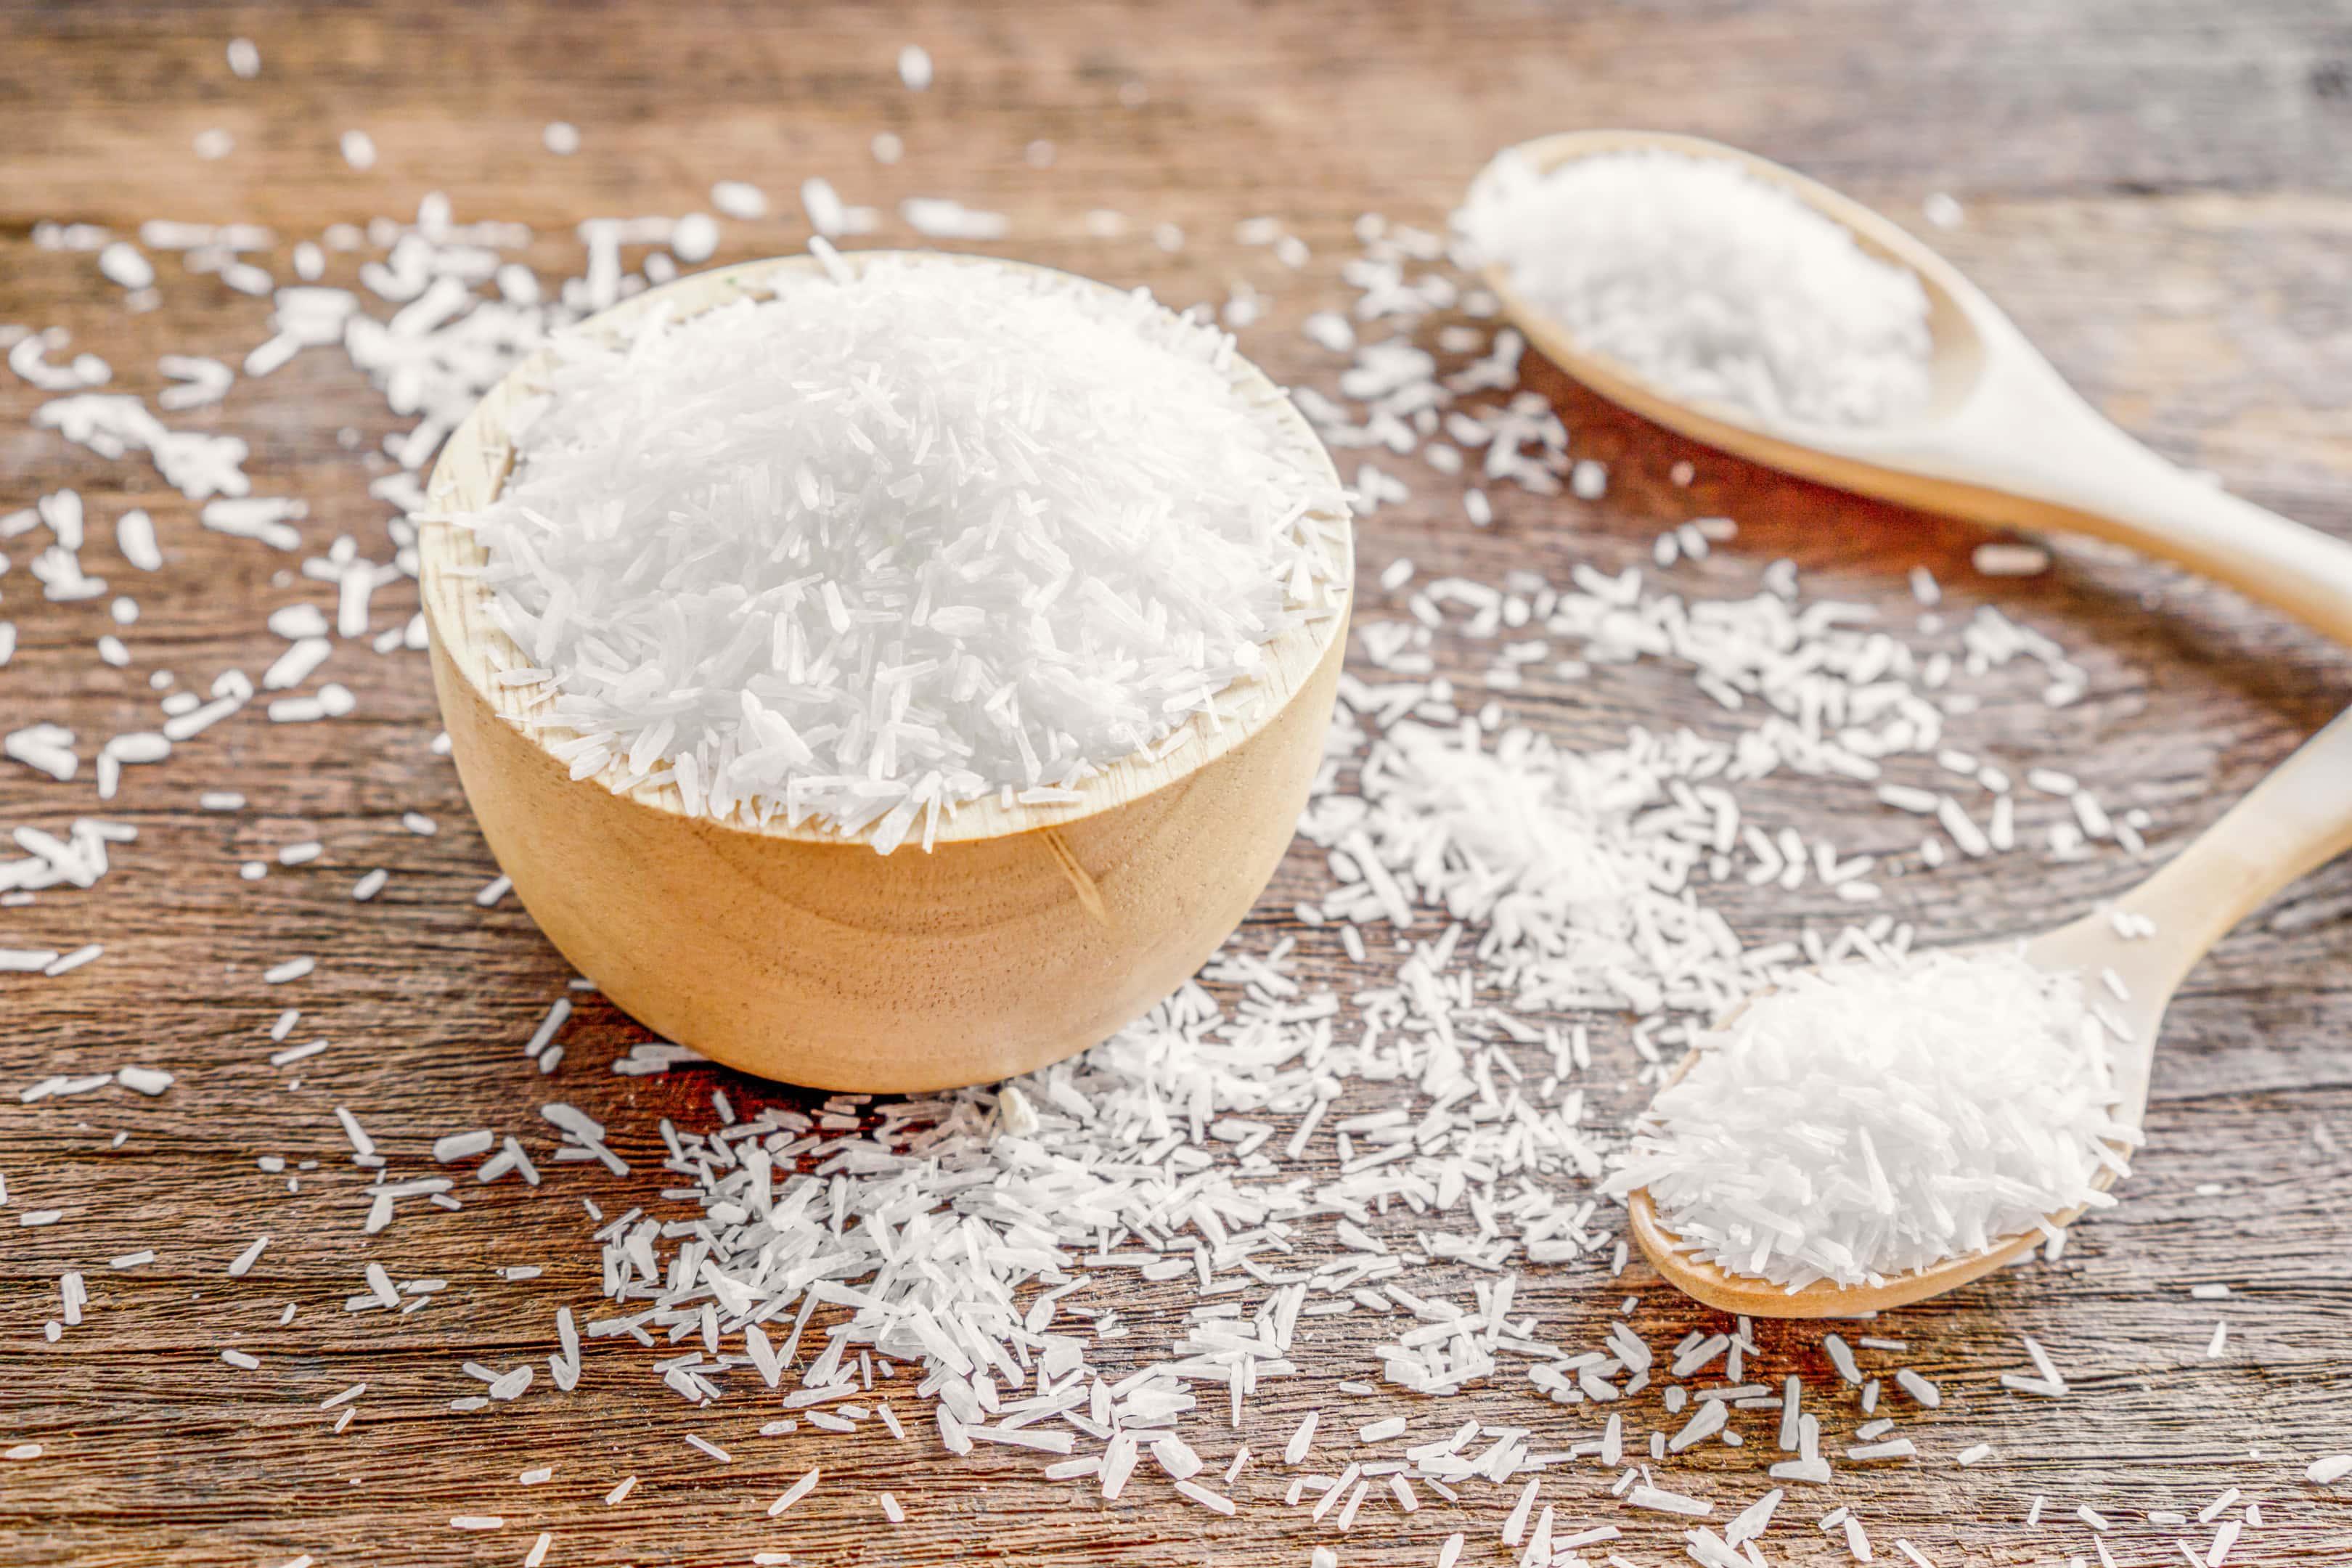 Monosodium glutamate in wooden bowl